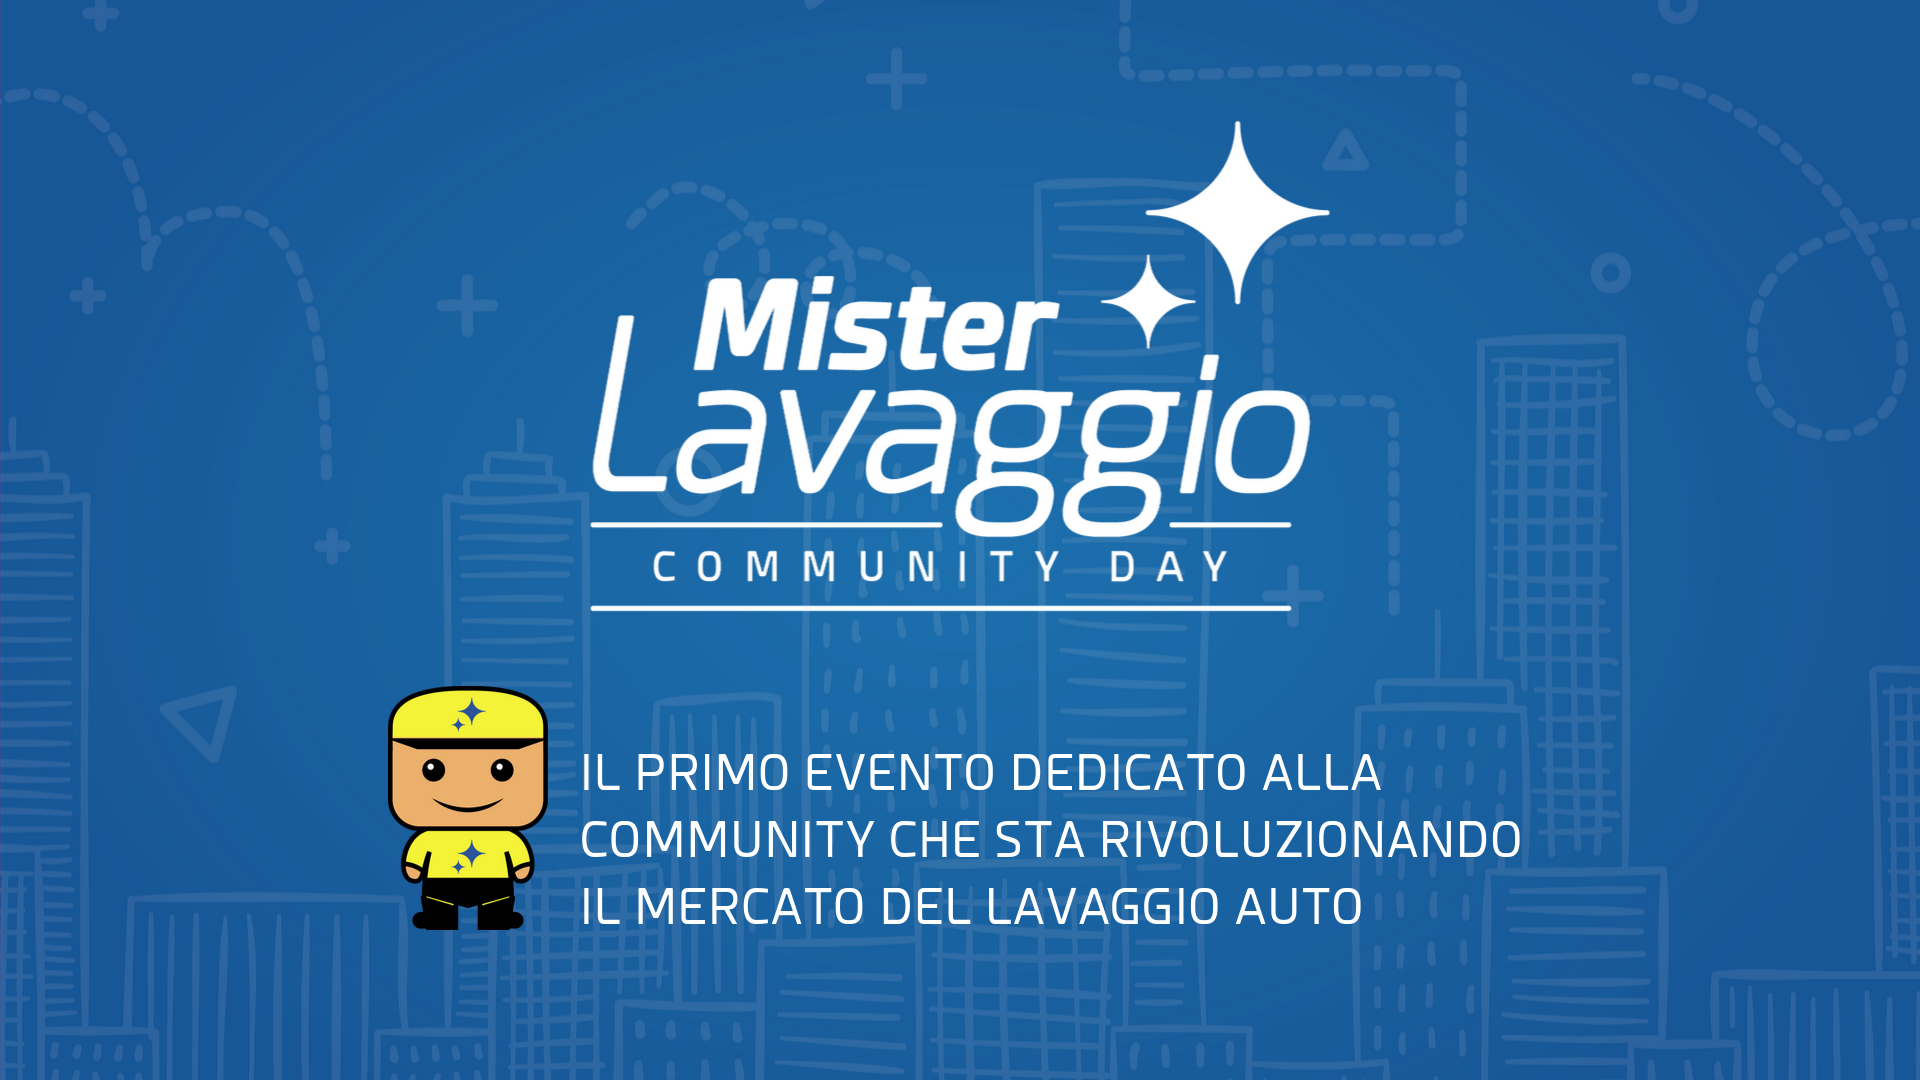 Incontro Mister Lavaggio Community Day 2019